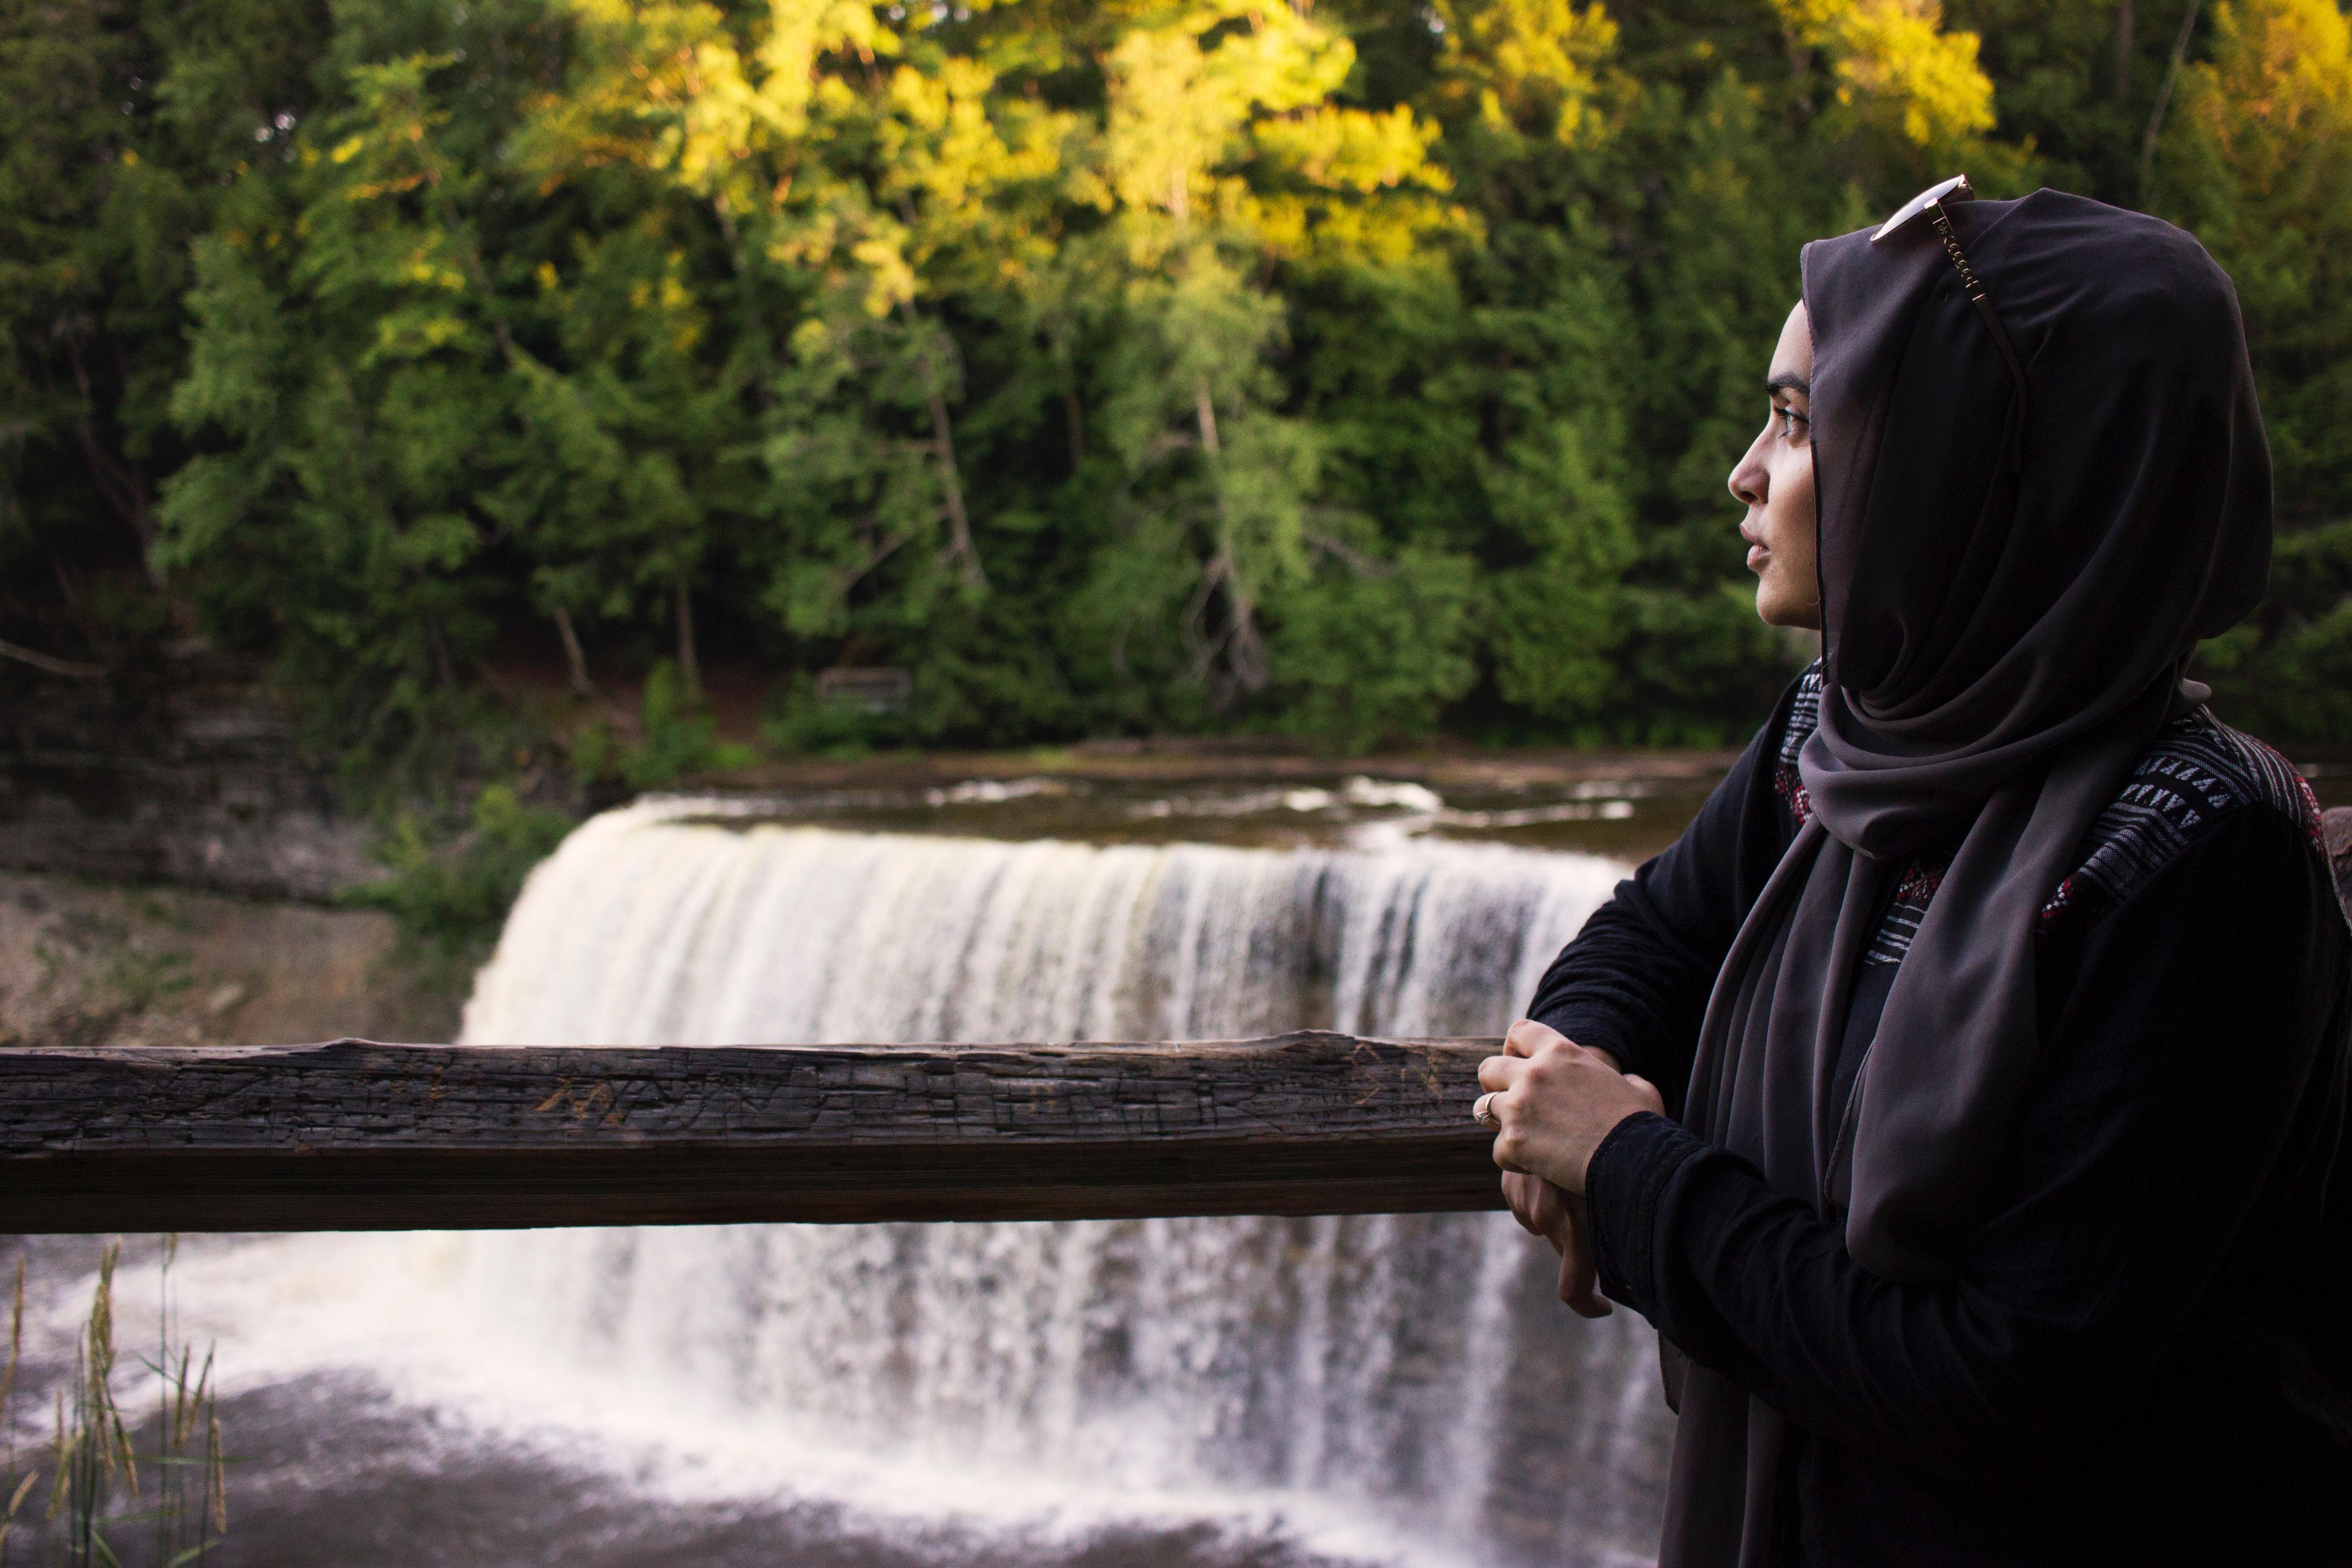 Mediale Darstellung der muslimischen Frau – Auszüge aus der Bachelorarbeit von Lejla Hasakovic